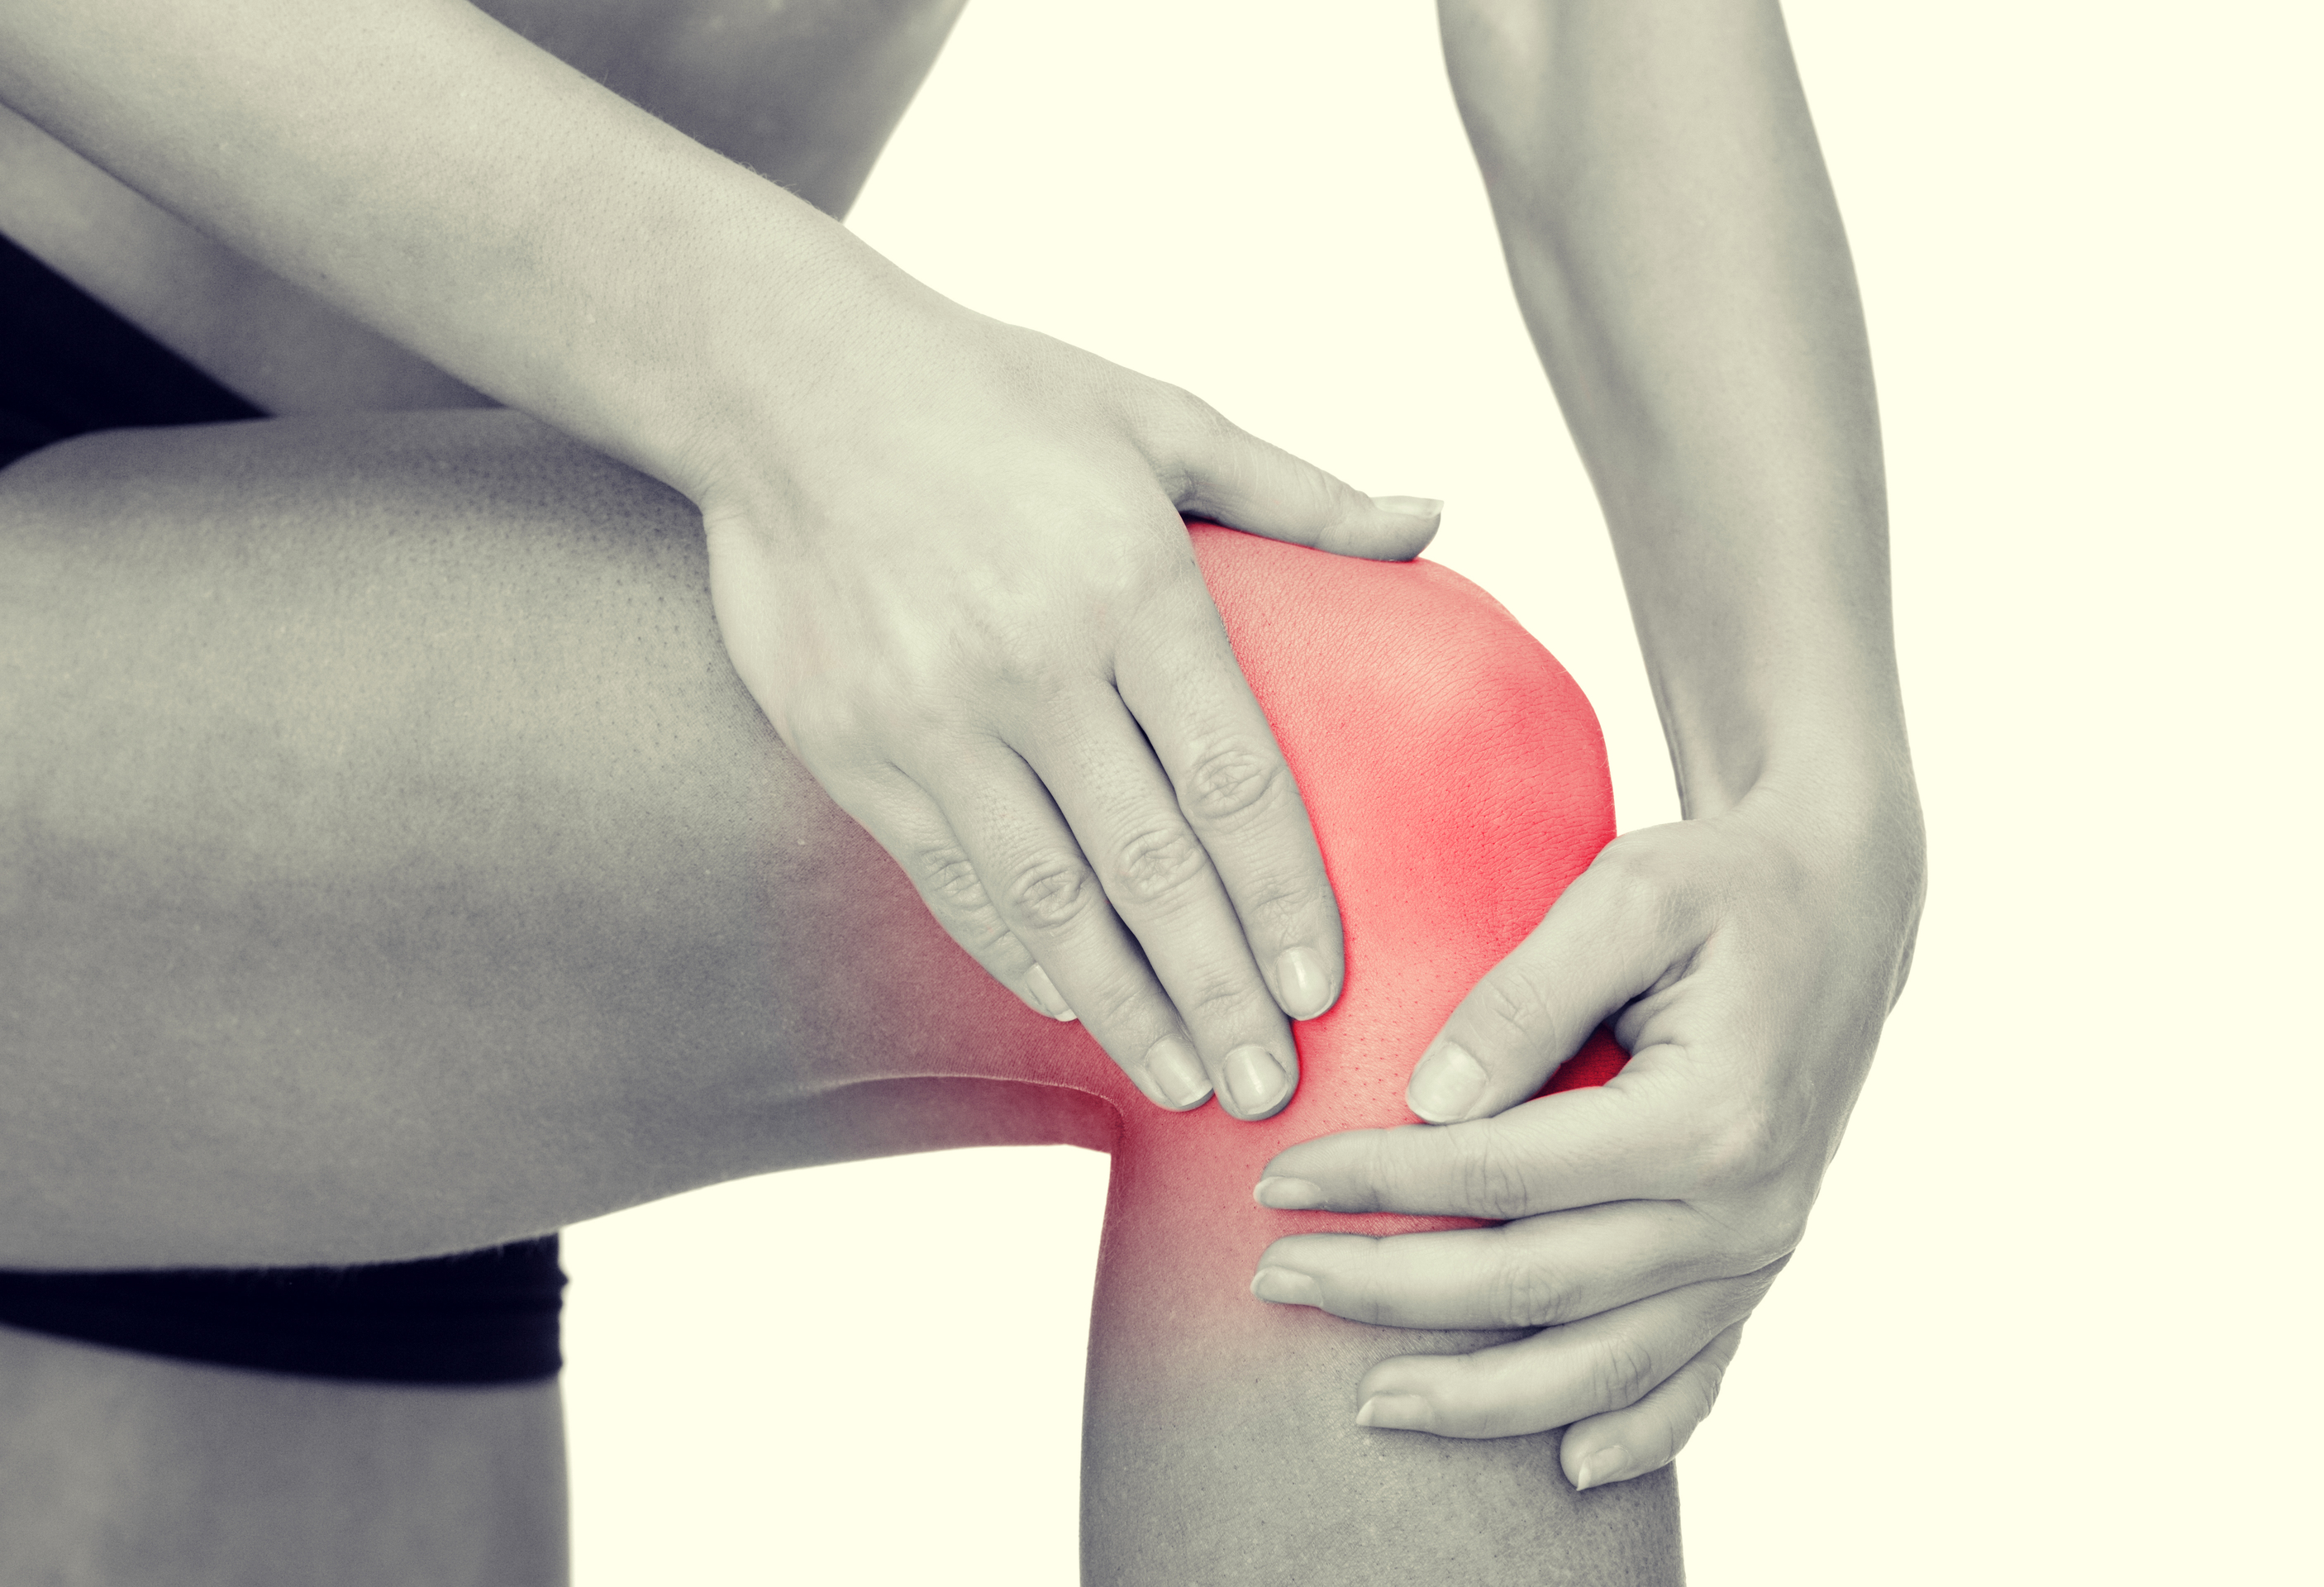 amplipulse pentru artroza umărului pentru dureri articulare artrocin